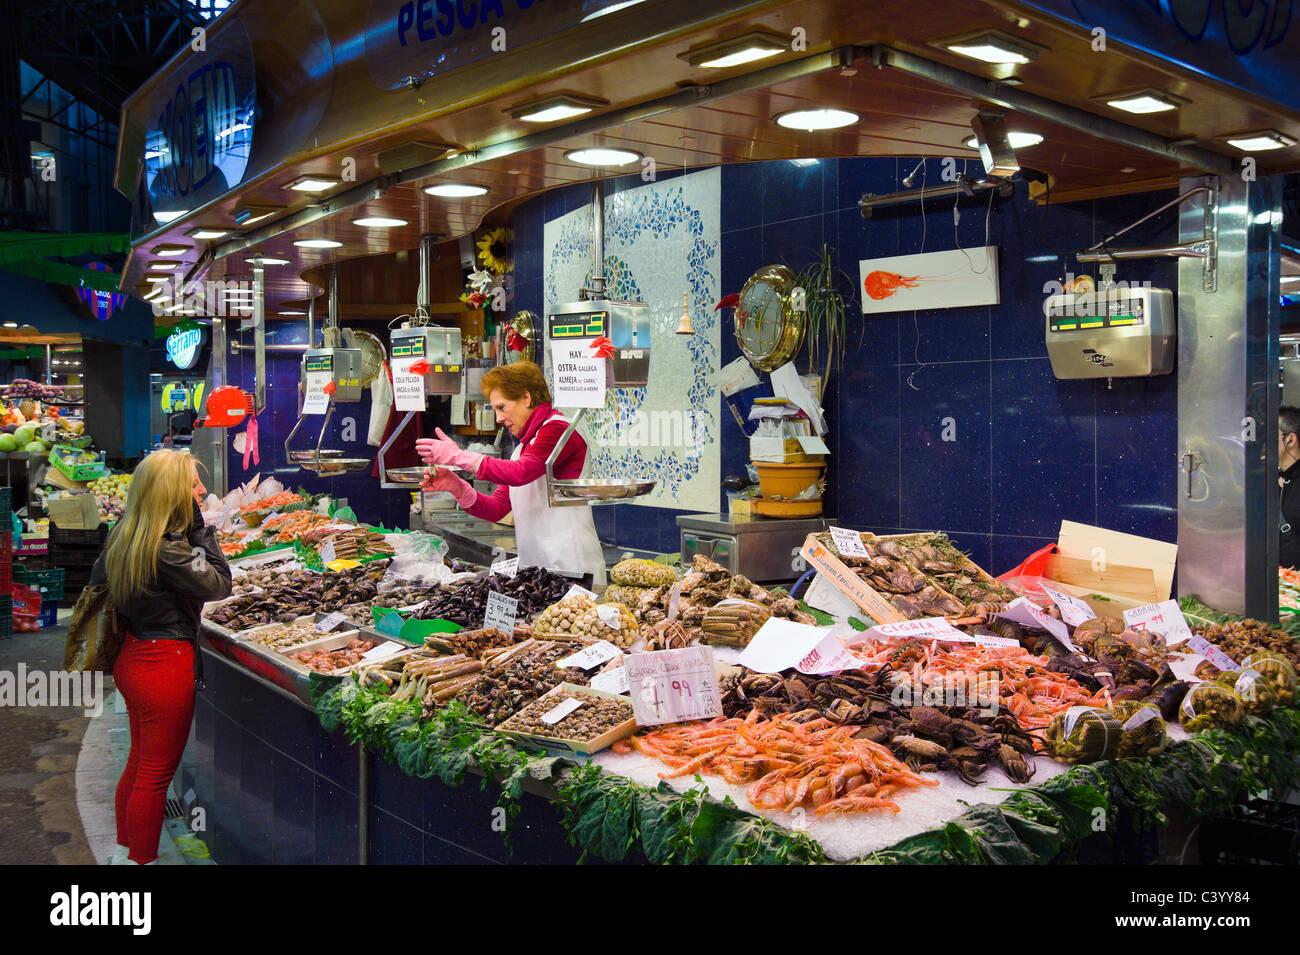 Seafood stall in la boqueria public market la rambla las for La fish market